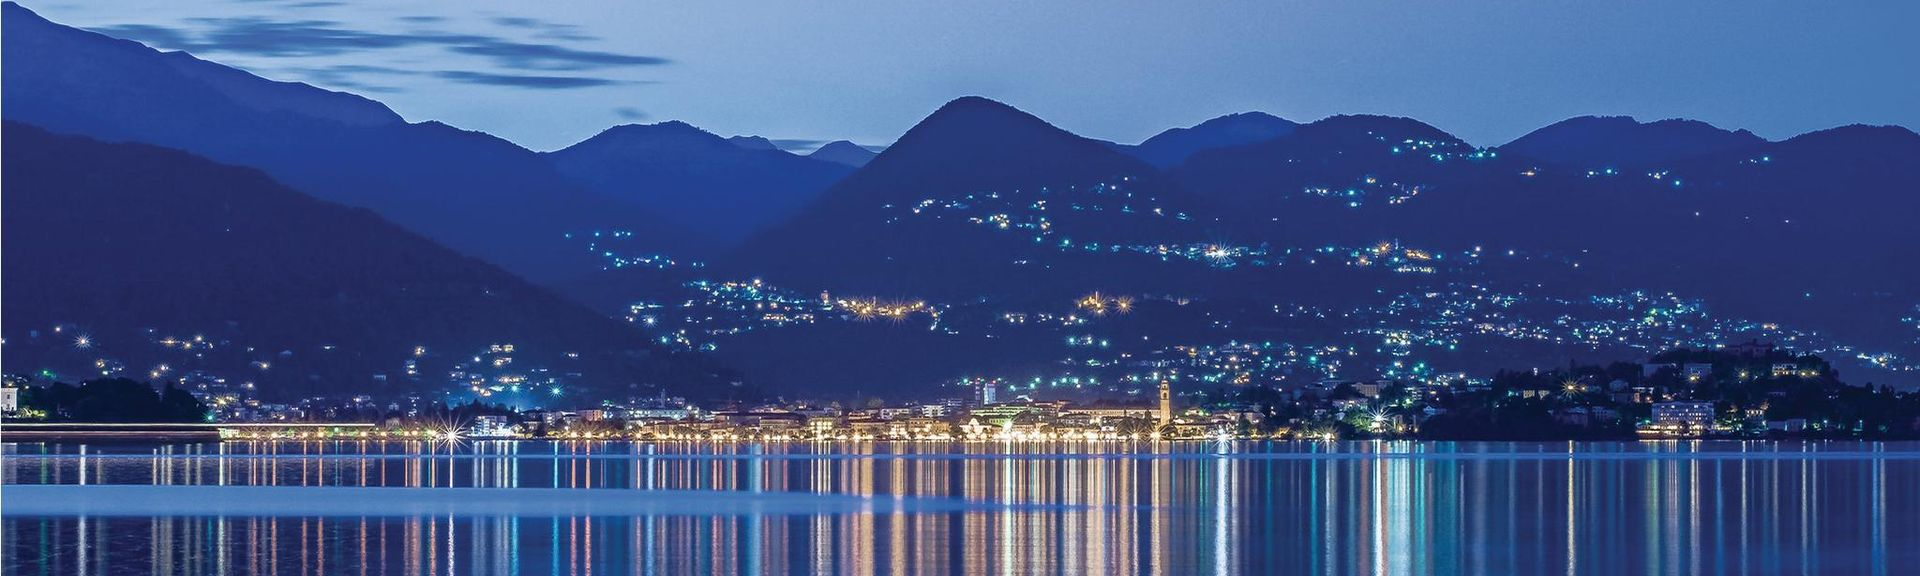 Tronzano Lago Maggiore, Lombardía, Italia